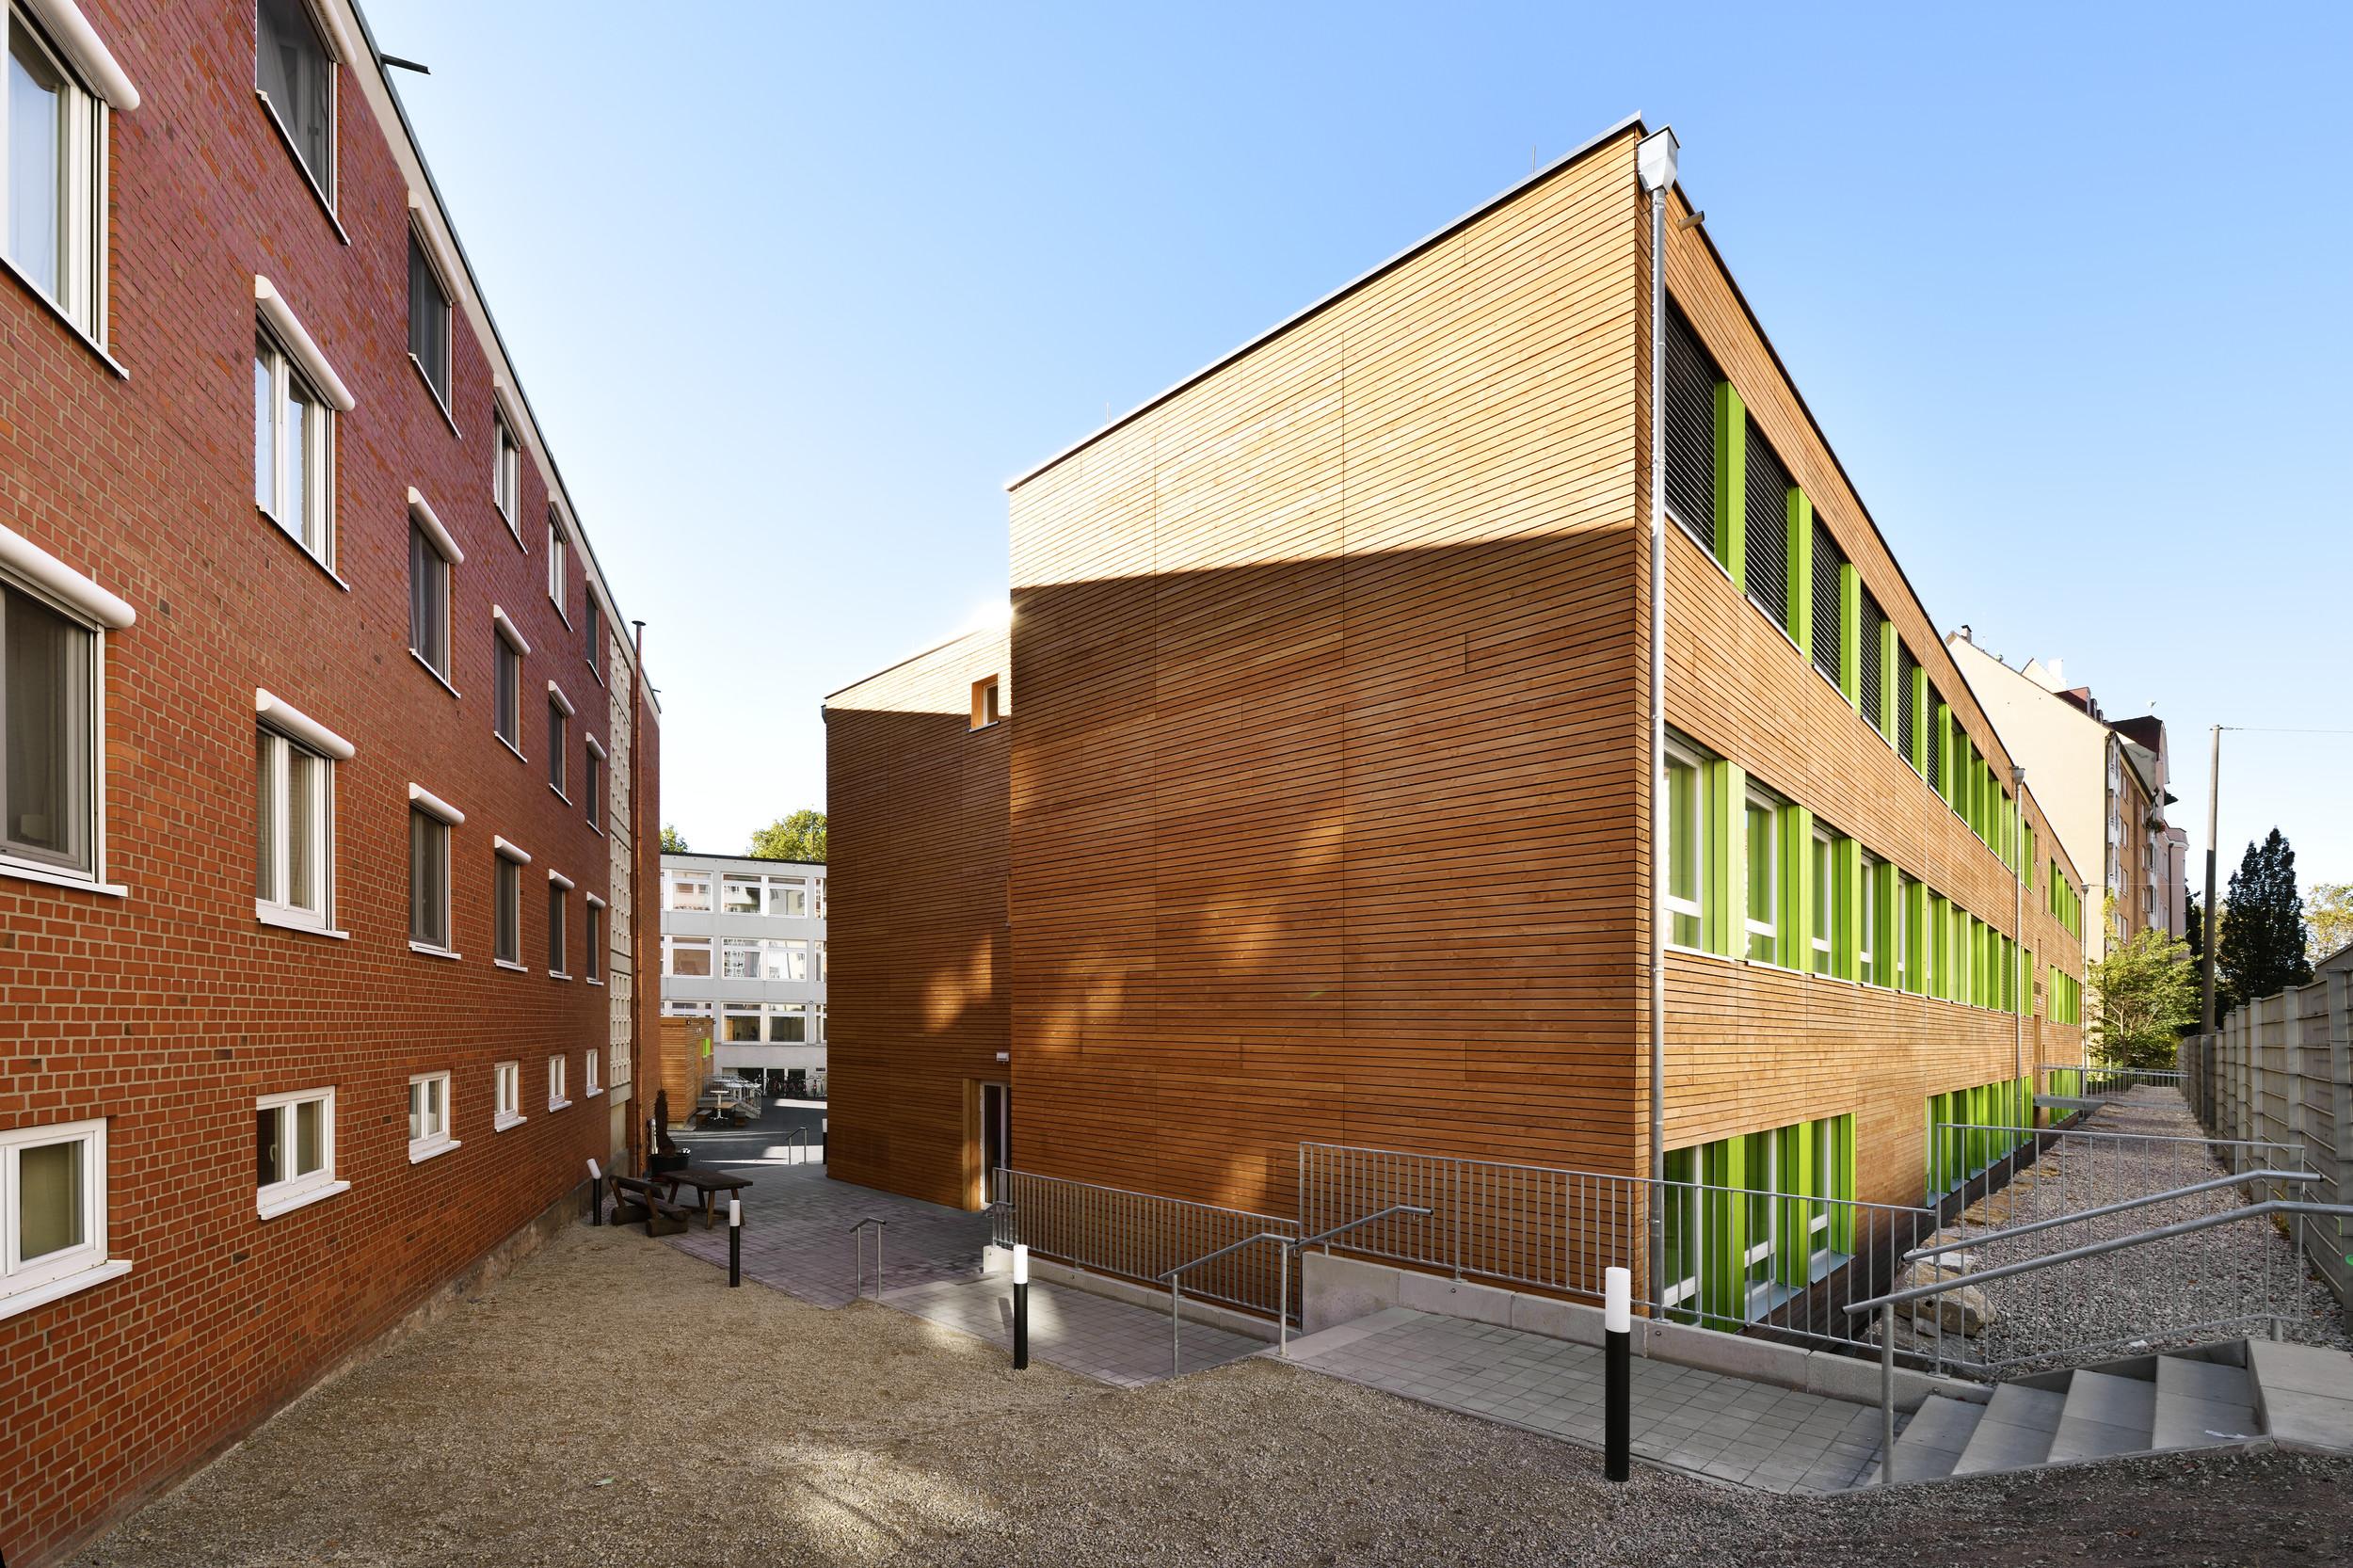 3-geschossiges Schulgebäude mit Holzfassade